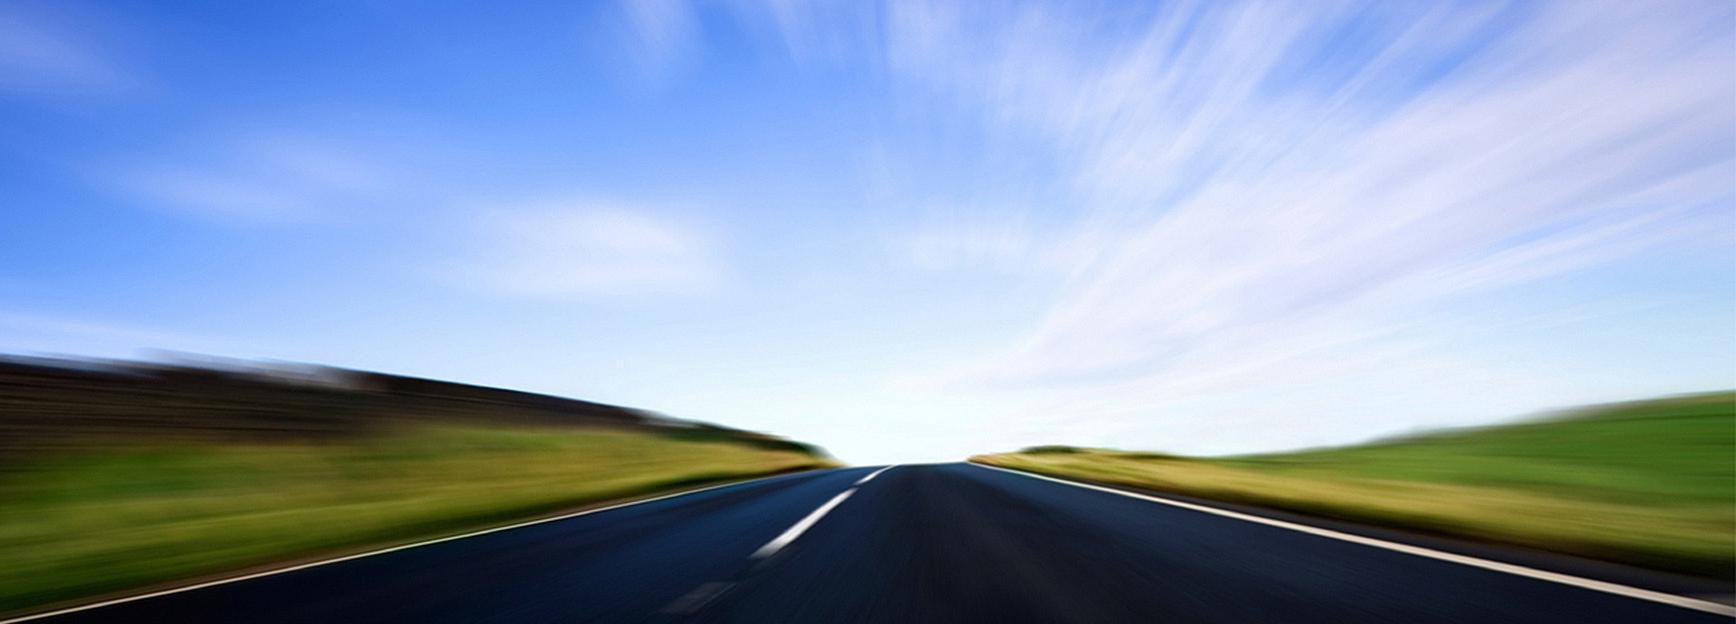 Willkommen bei Ihren Autogas-Experten in NRW!